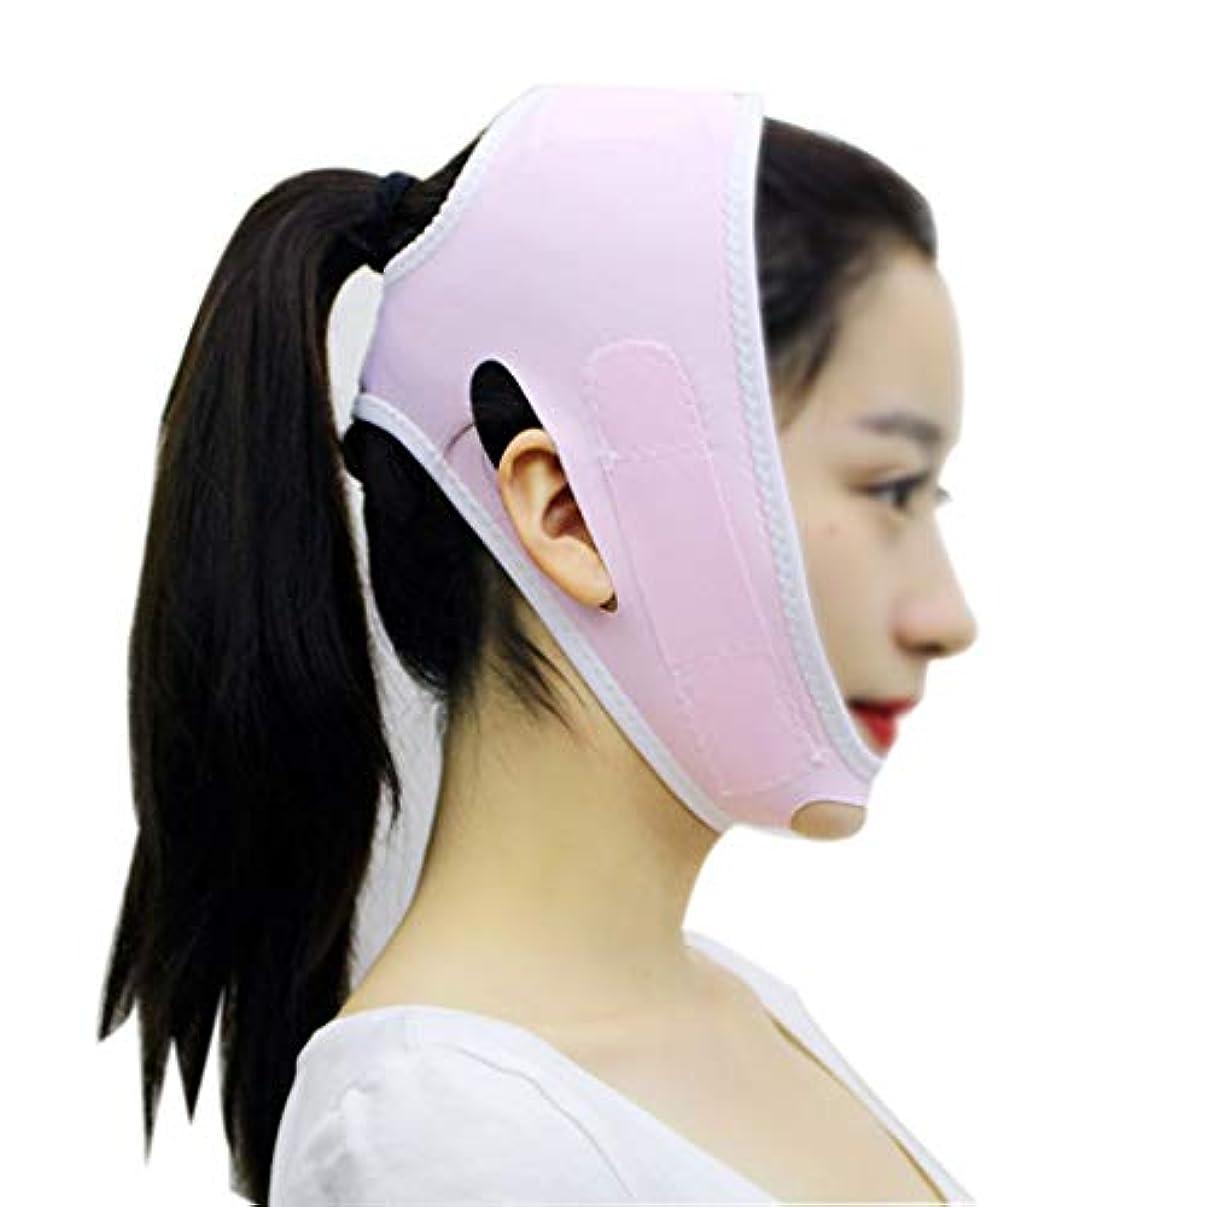 望む熱心曖昧なTLMY 引き締め肌の薄い二重あごマスクを強化するためのフェイスリフティング包帯回復マスク 顔用整形マスク (Color : Pink)